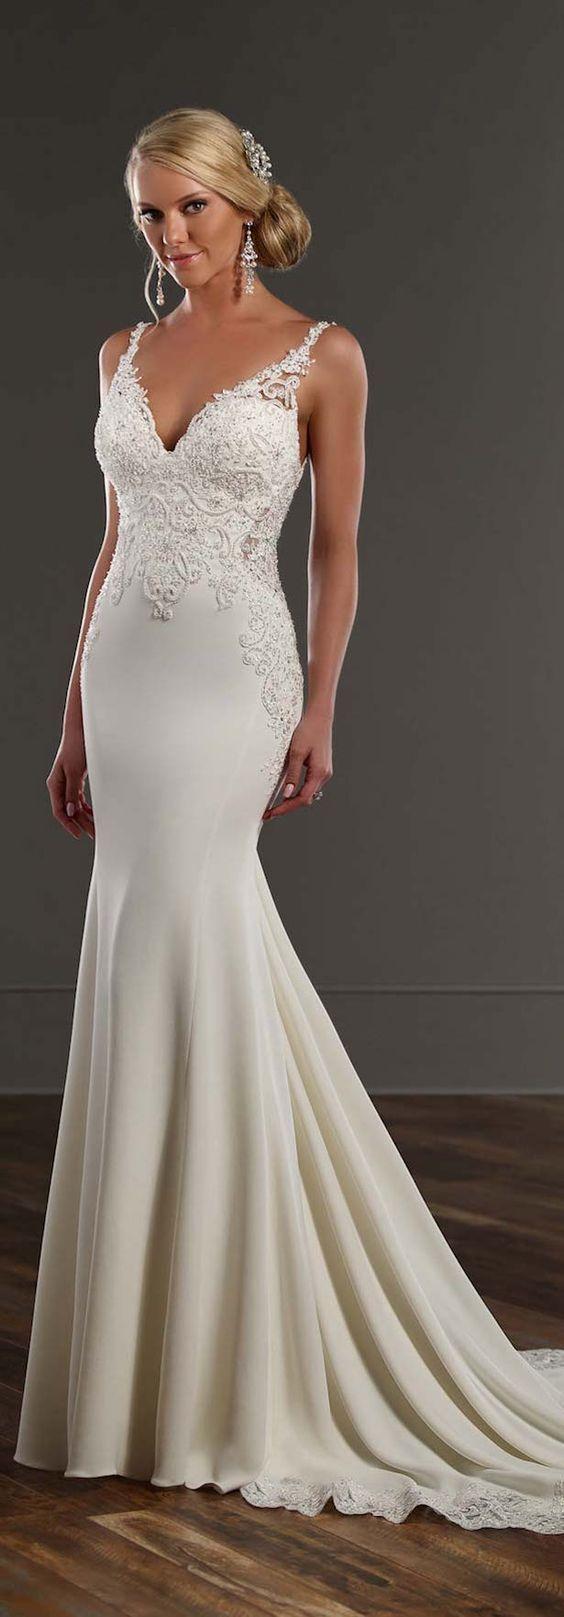 64 besten Wedding Bilder auf Pinterest | Dressing, Hochzeitskleider ...